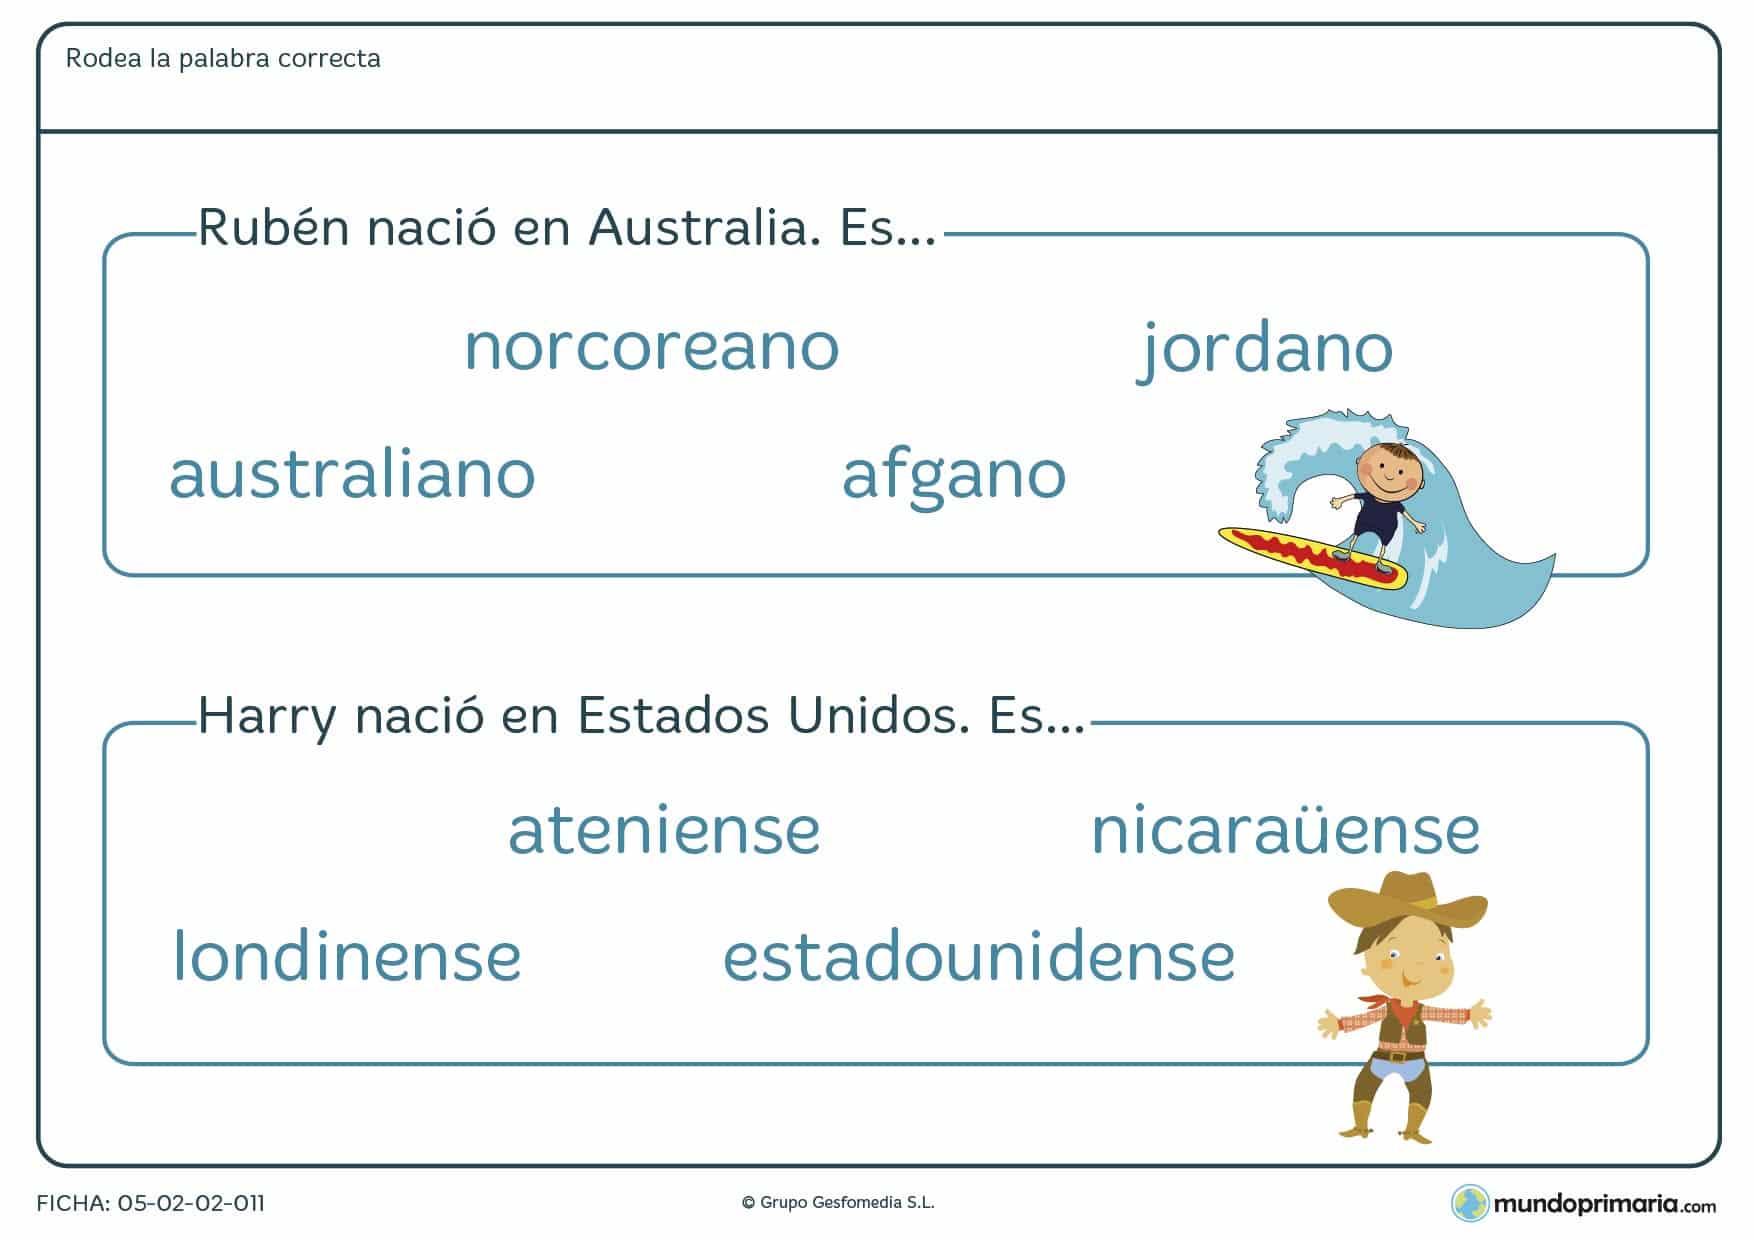 Ficha sobre nacionalidades para niños que estudien 3º de Primaria